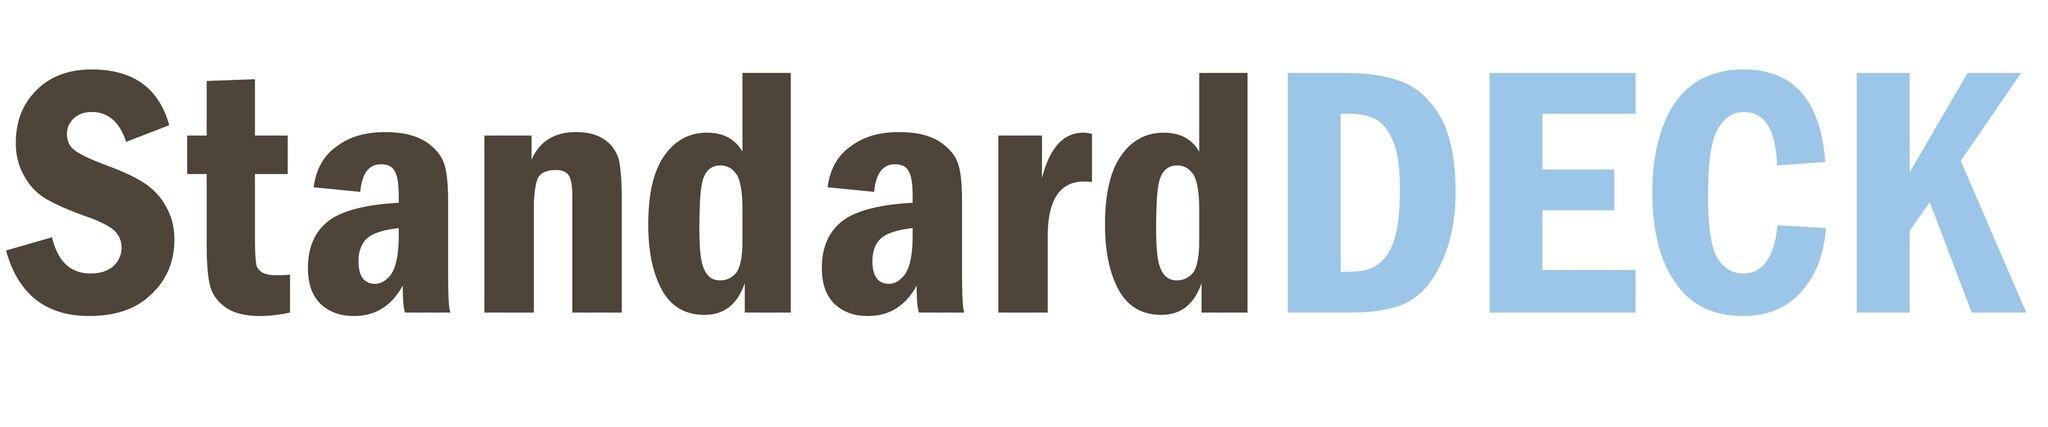 Standard Deck logó